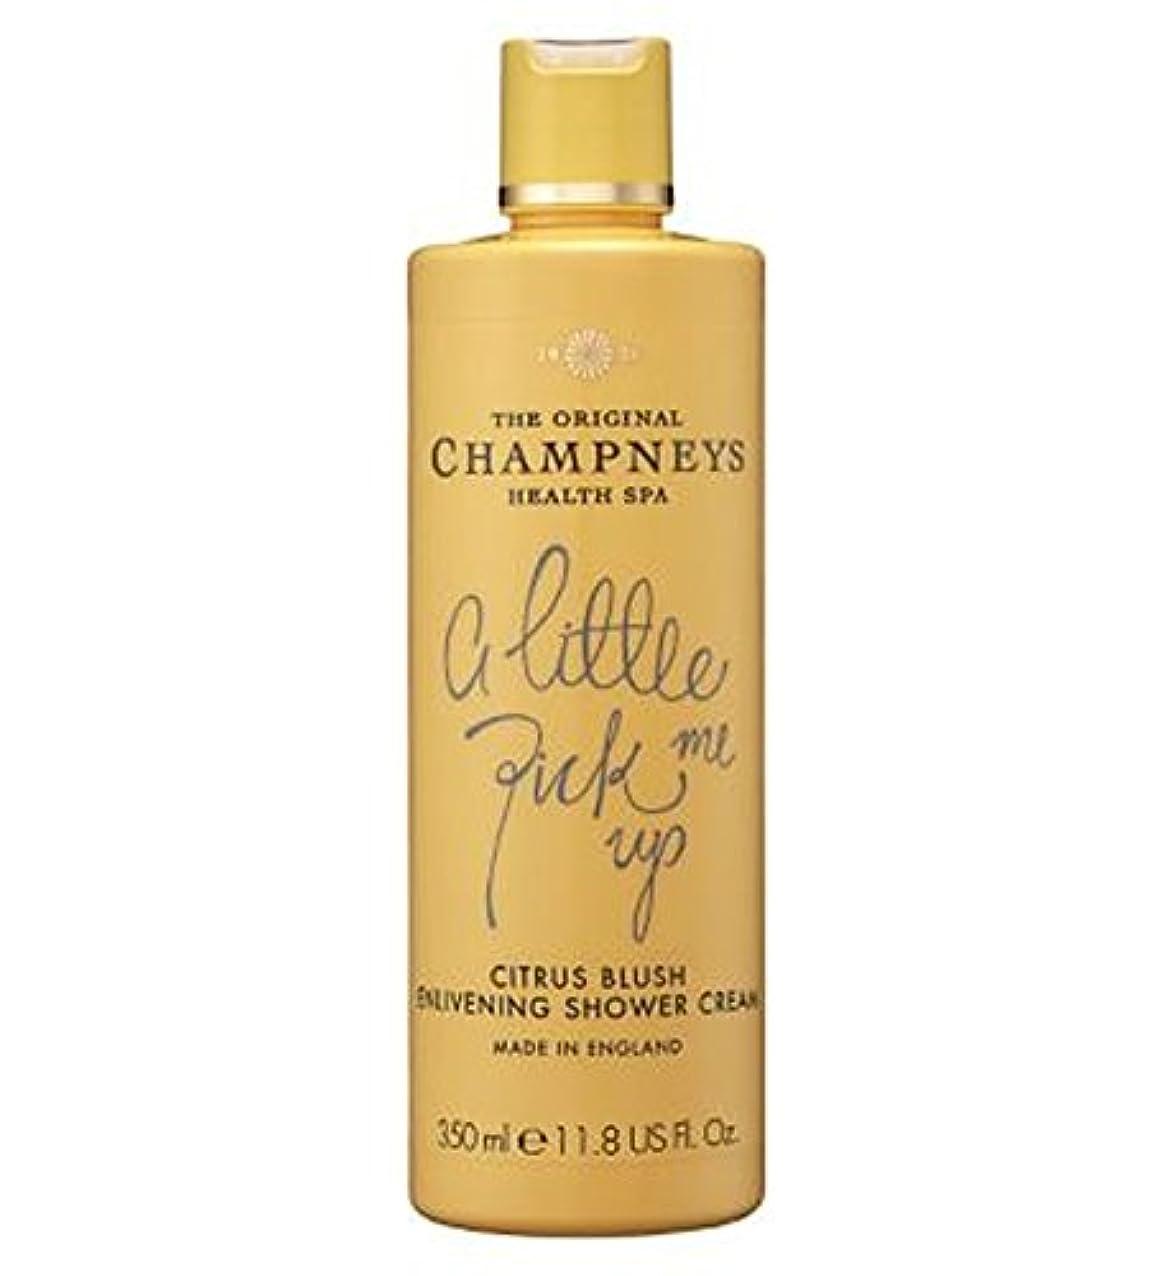 入射伝導率器用チャンプニーズシトラス赤面盛り上げシャワークリーム350ミリリットル (Champneys) (x2) - Champneys Citrus Blush Enlivening Shower Cream 350ml (Pack of 2) [並行輸入品]